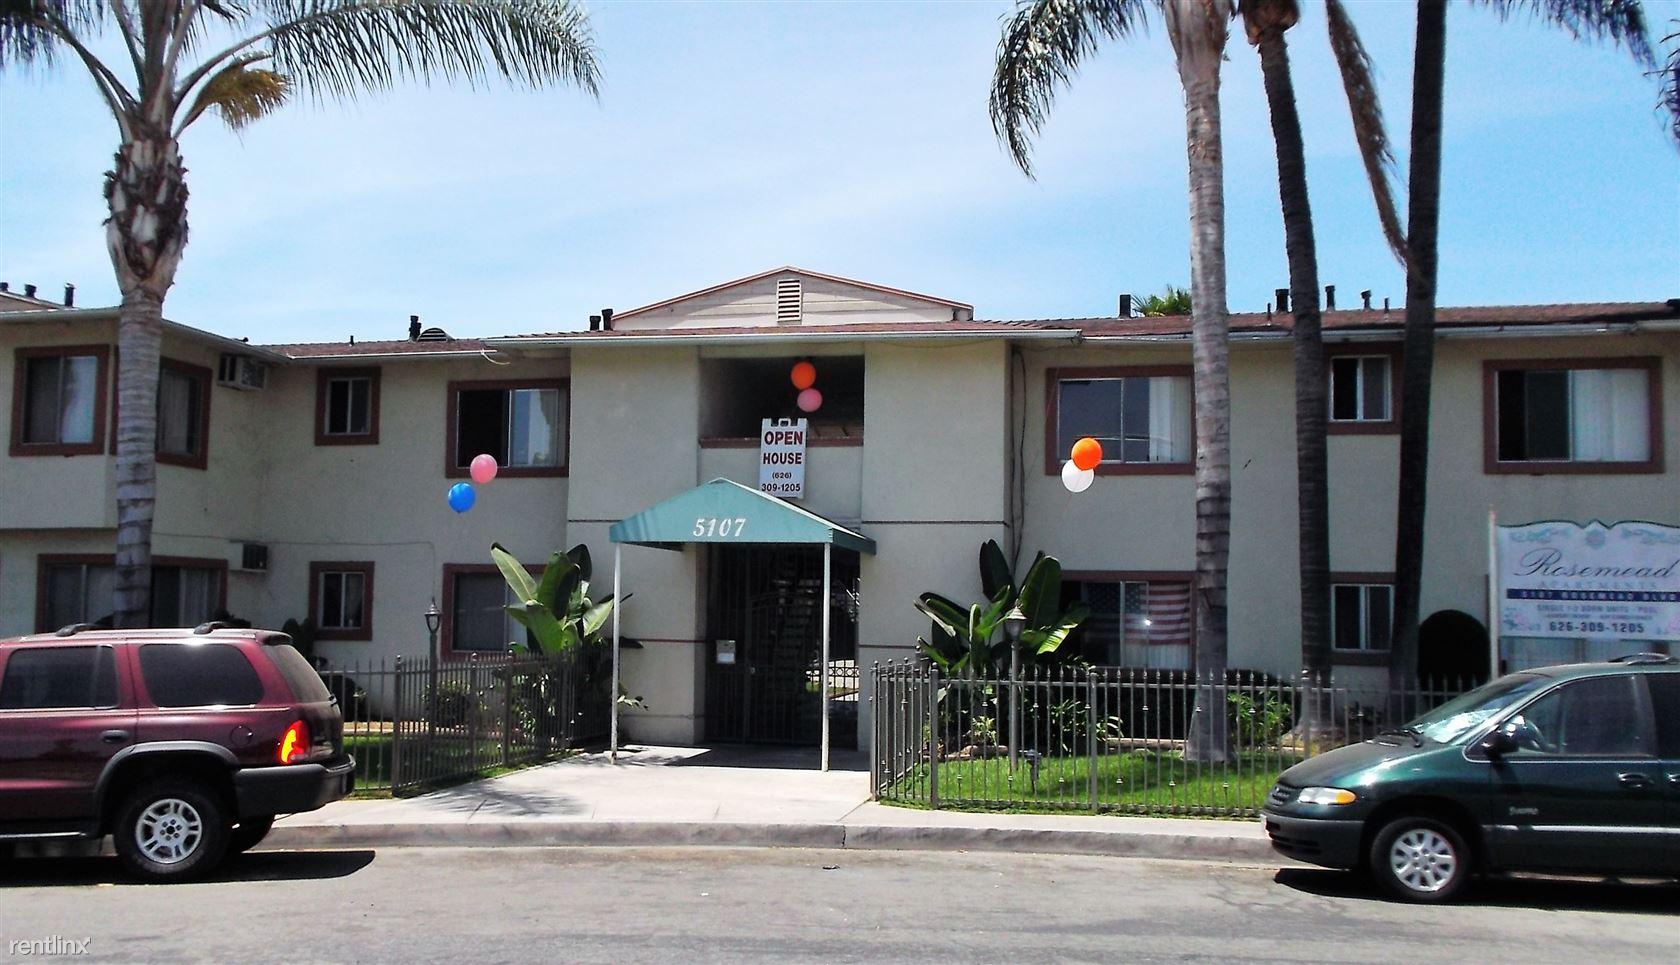 5107 Rosemead Blvd, San Gabriel, CA - $1,550